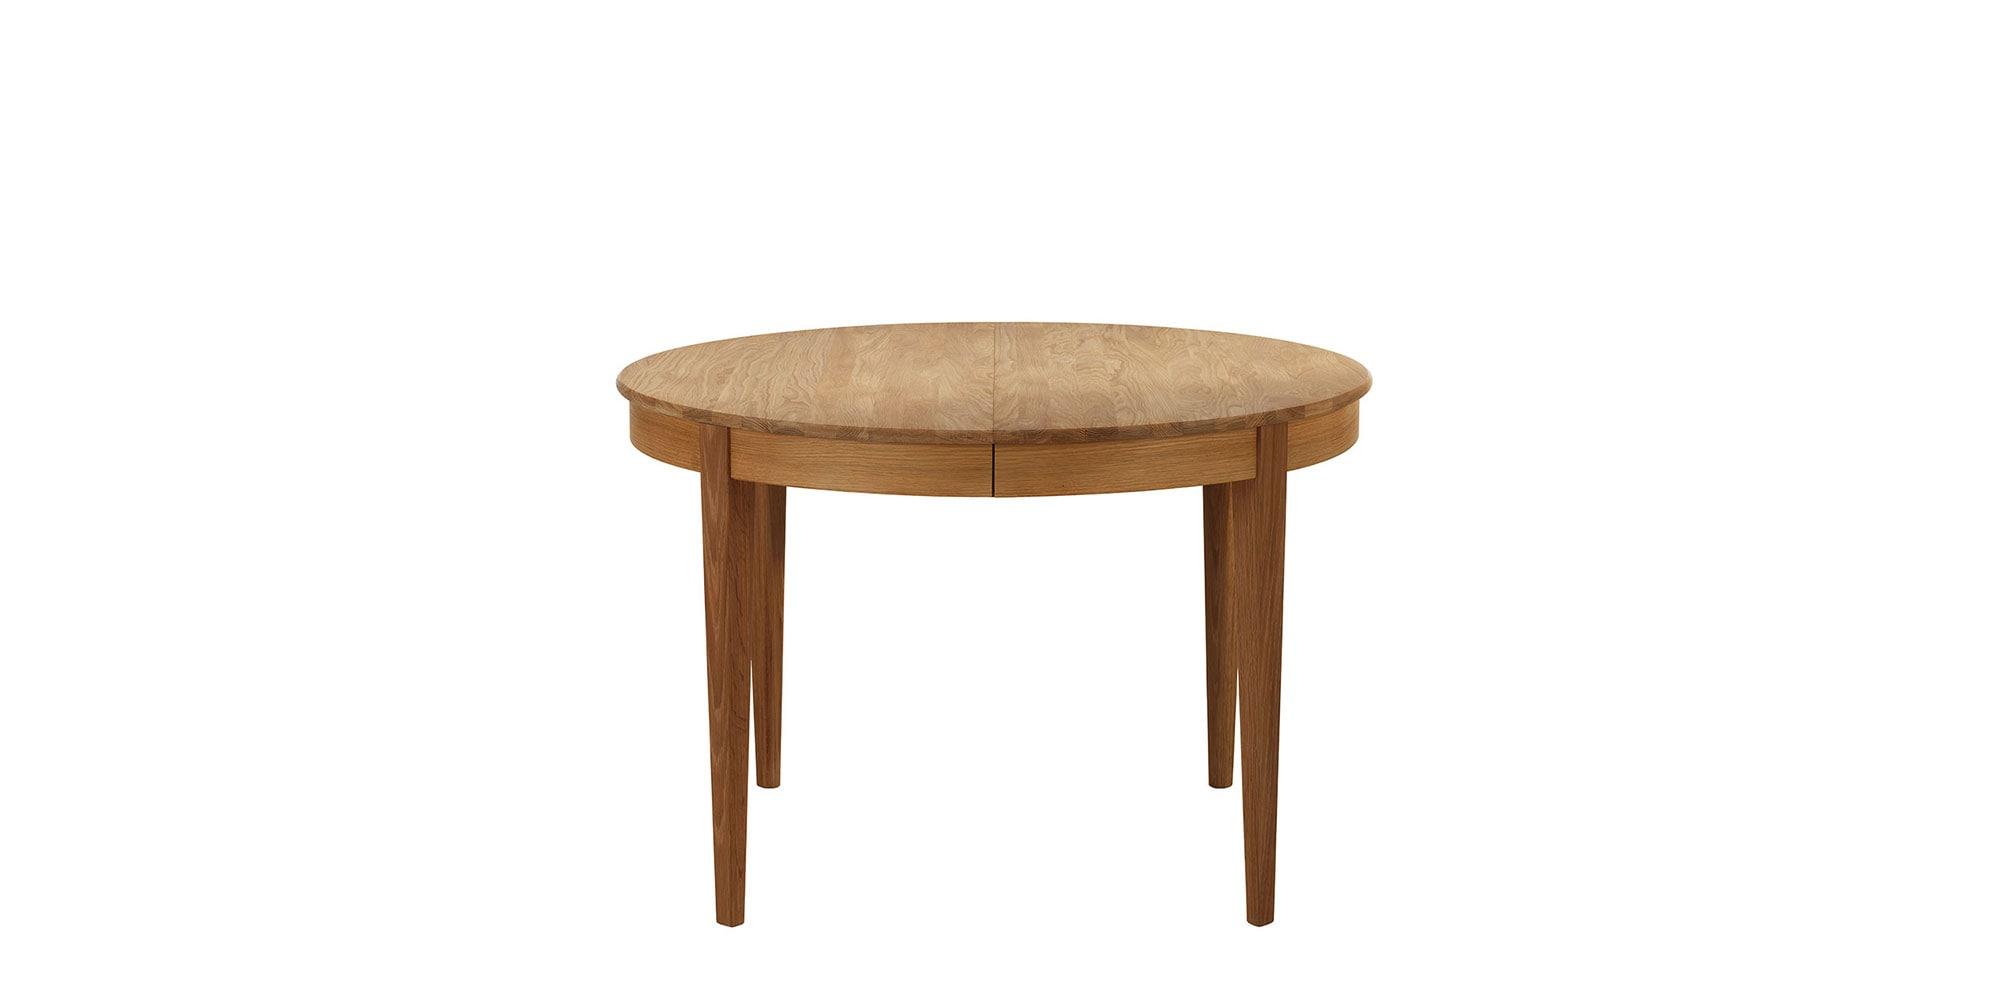 Runt matbord Ek Ø112 cm | Norrgavel